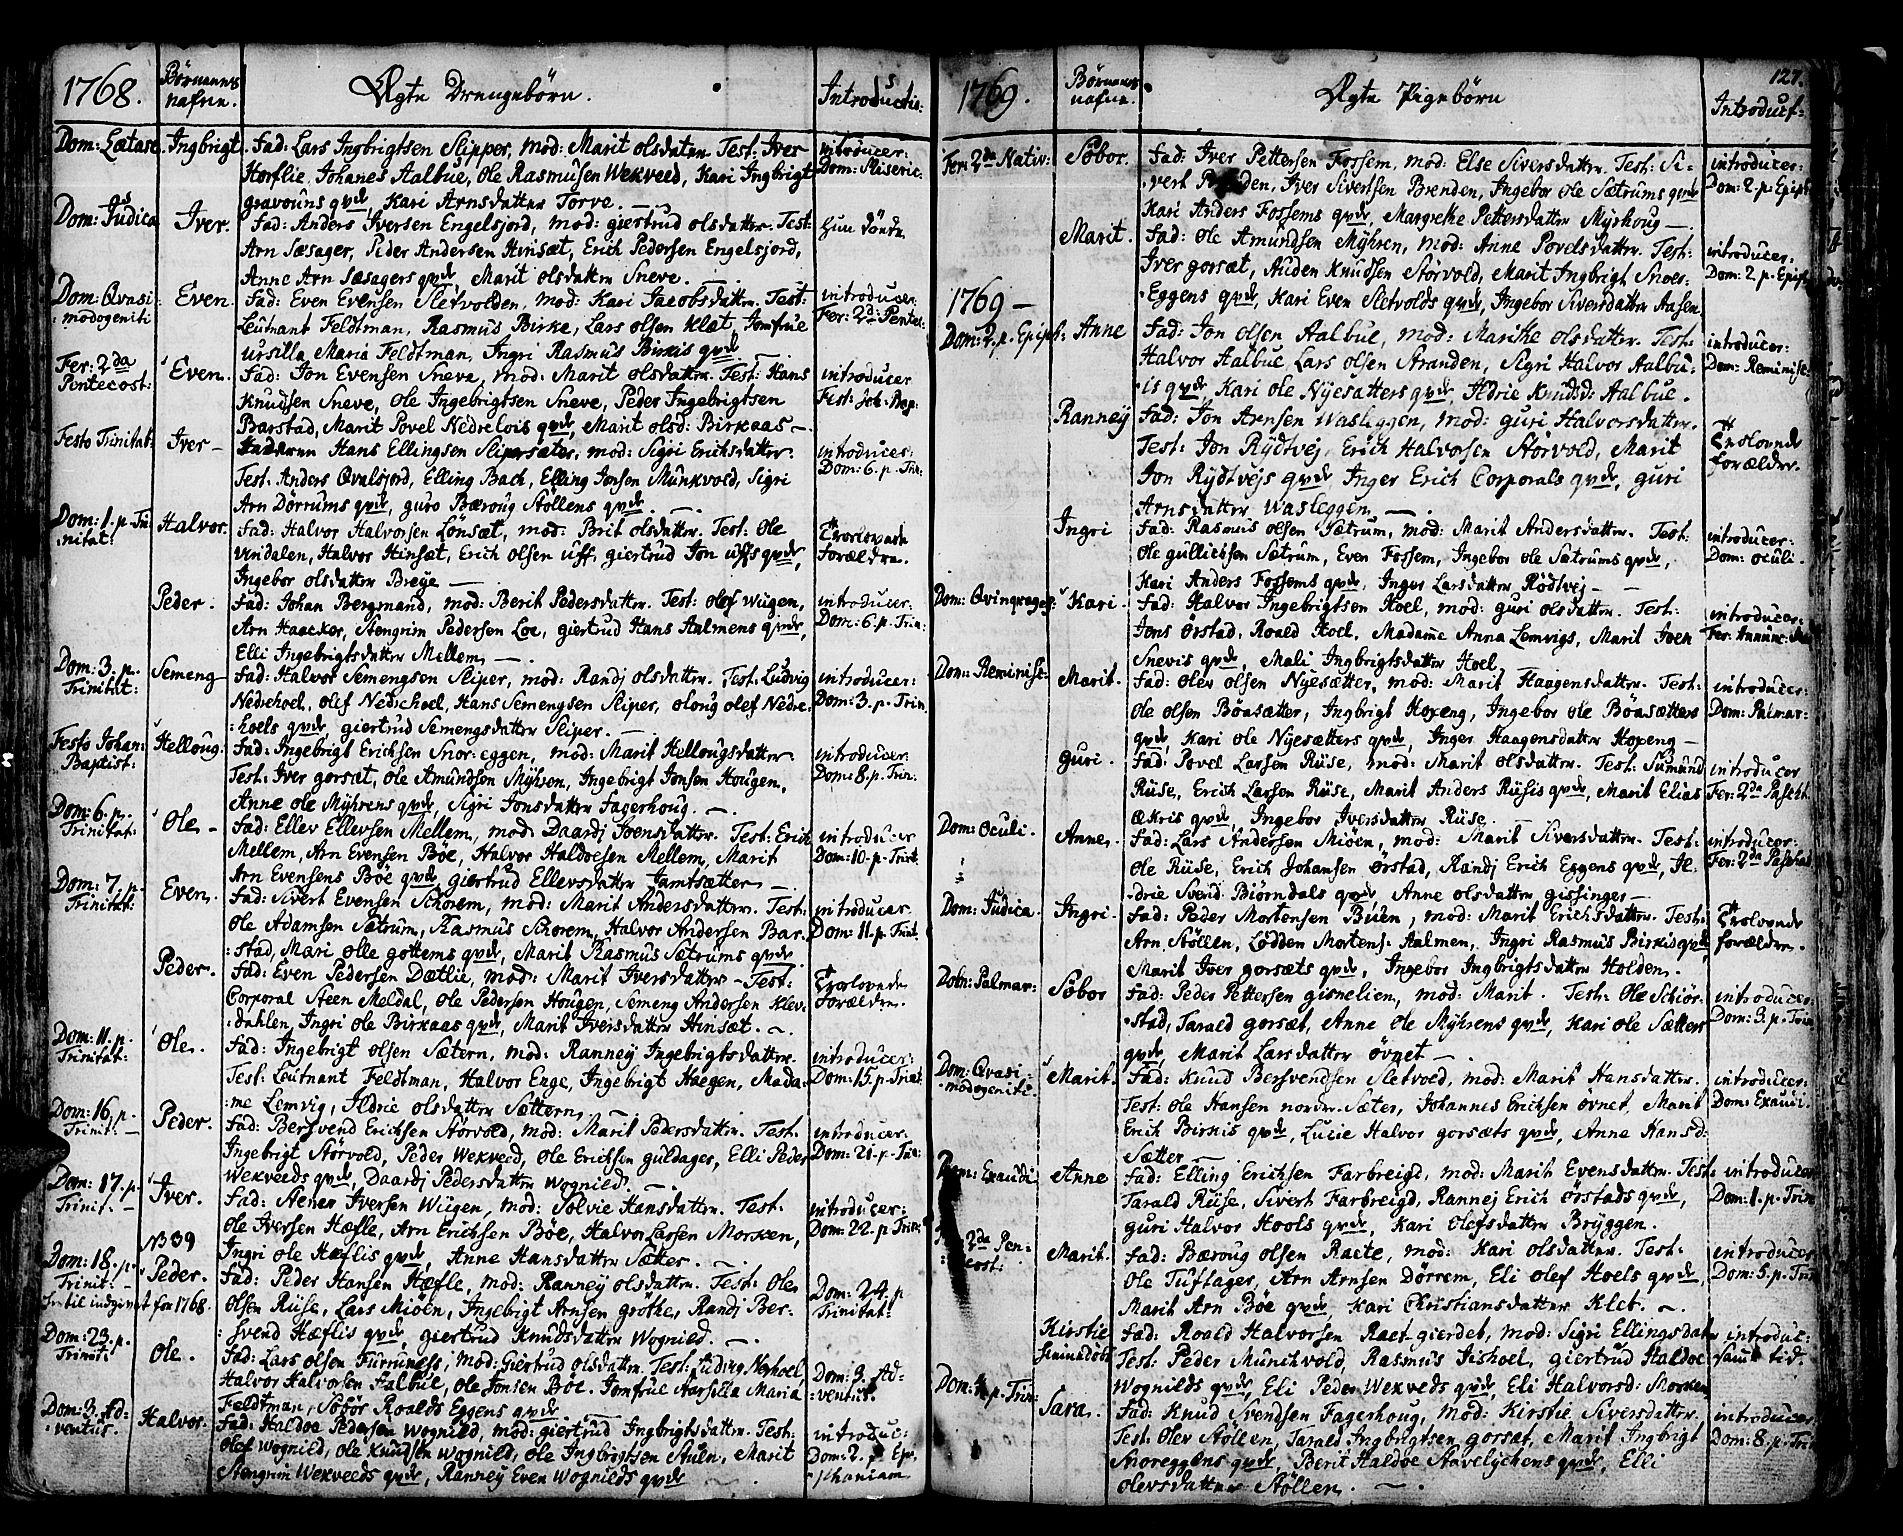 SAT, Ministerialprotokoller, klokkerbøker og fødselsregistre - Sør-Trøndelag, 678/L0891: Ministerialbok nr. 678A01, 1739-1780, s. 127